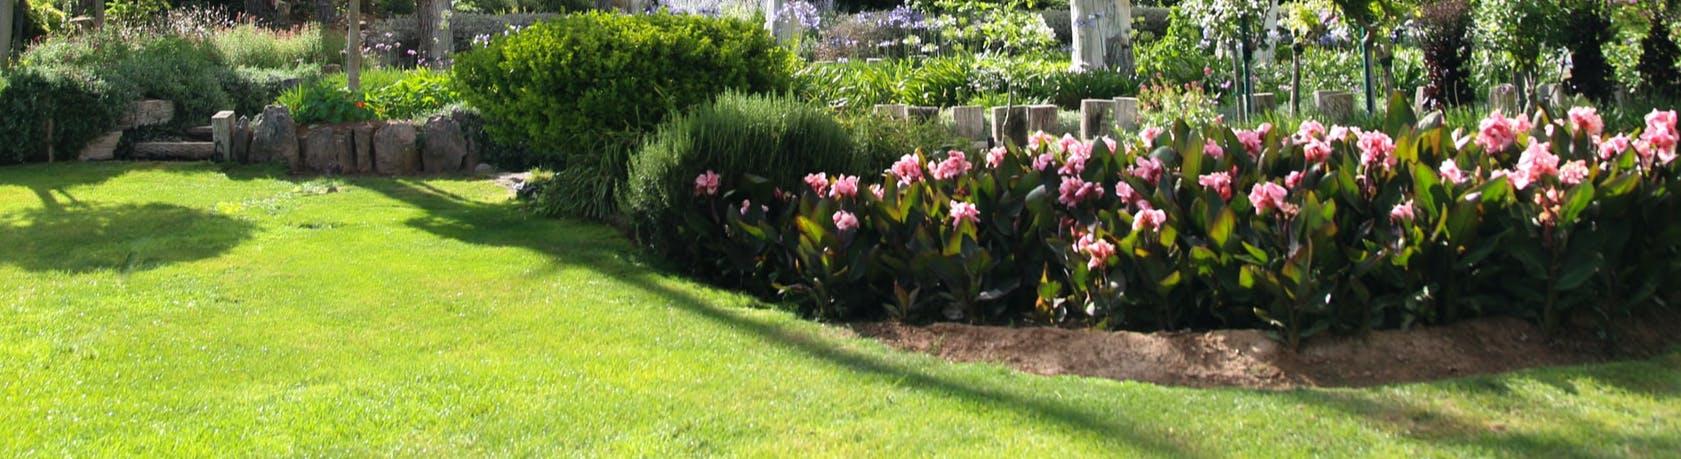 Photo of garden bed